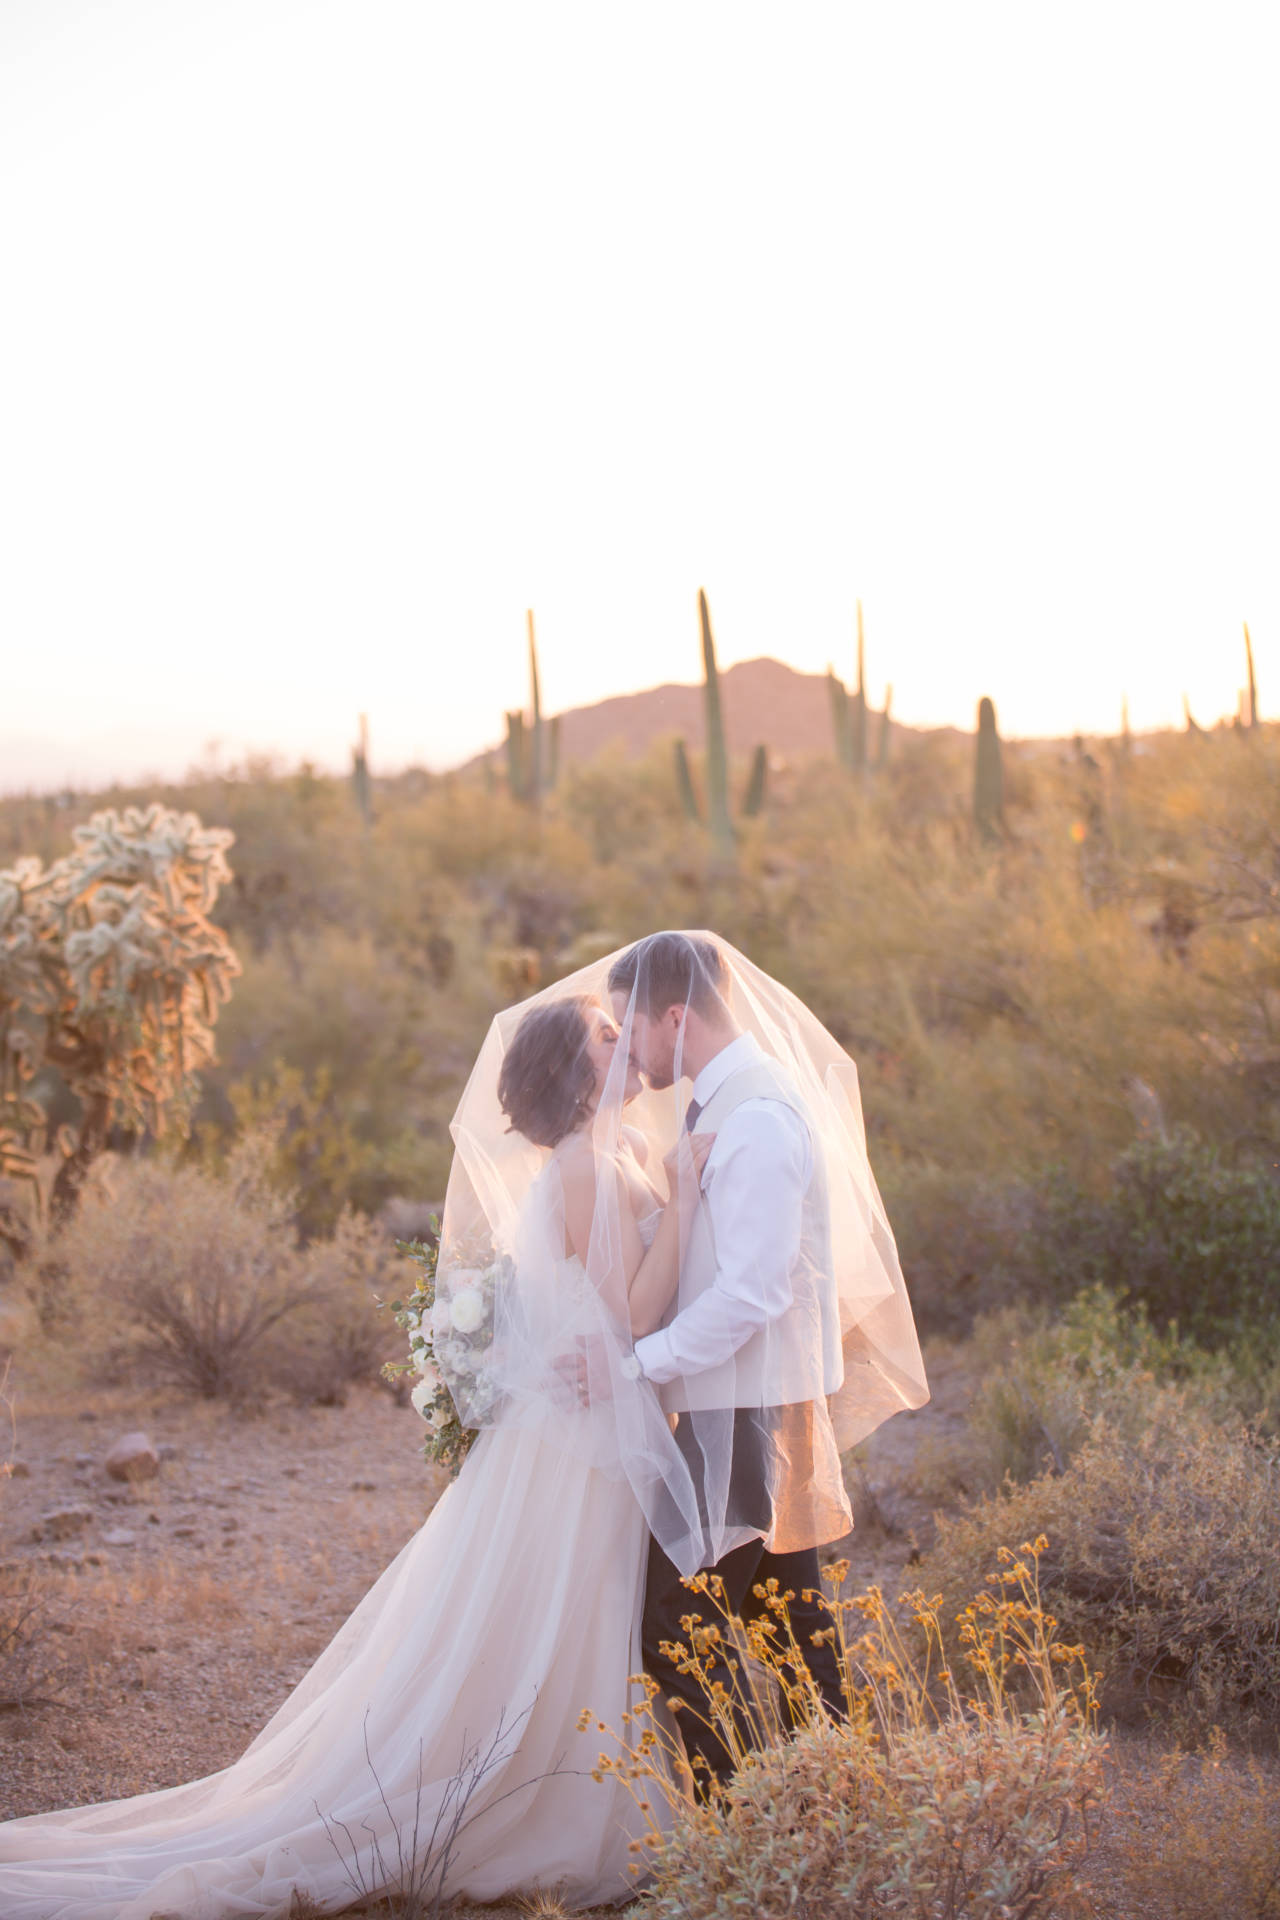 wedding videography sydney